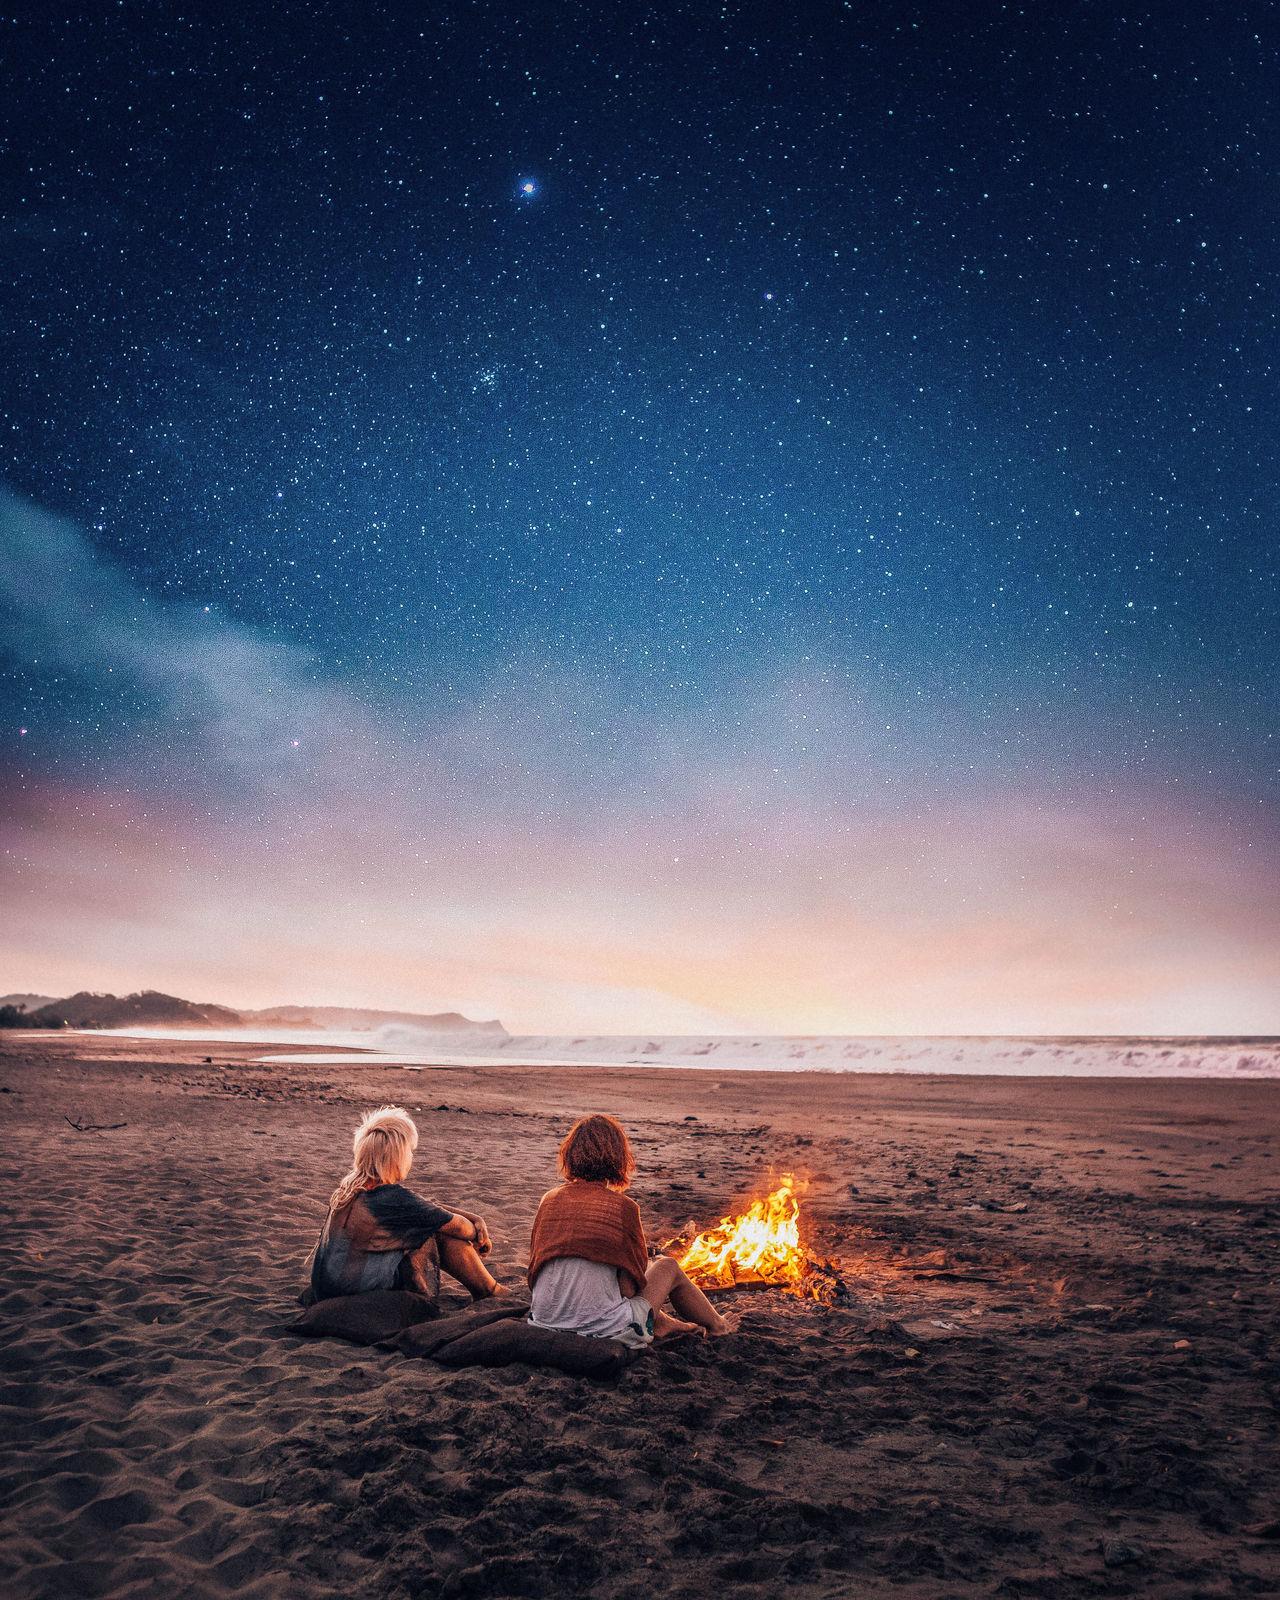 25-29 Years,  Astronomy,  Beach,  Beauty In Nature,  Bonding